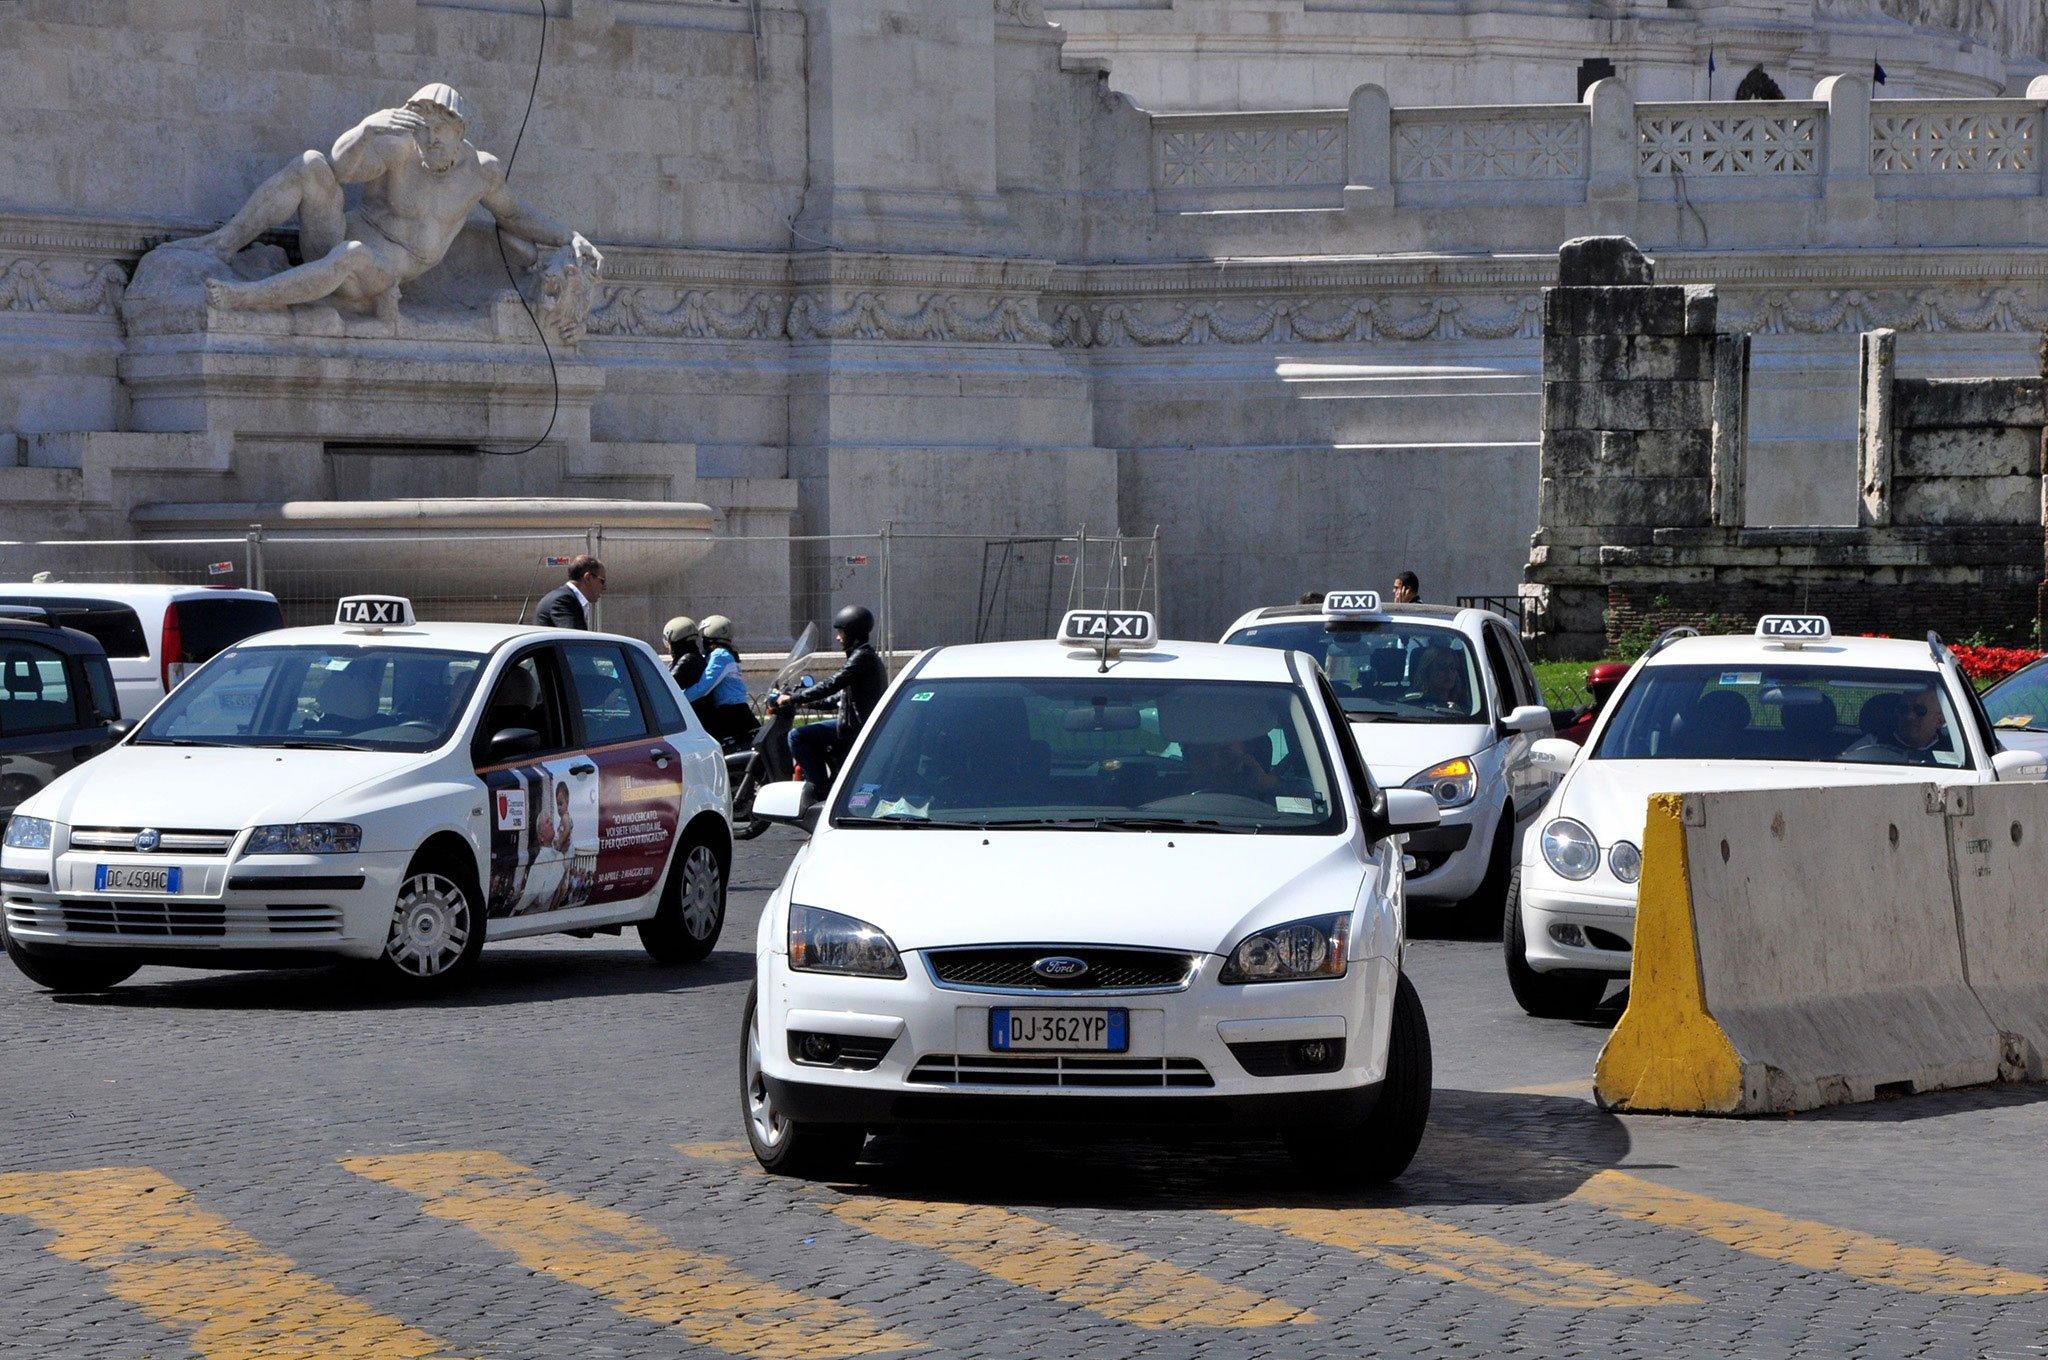 Из Рима до Флоренции на такси